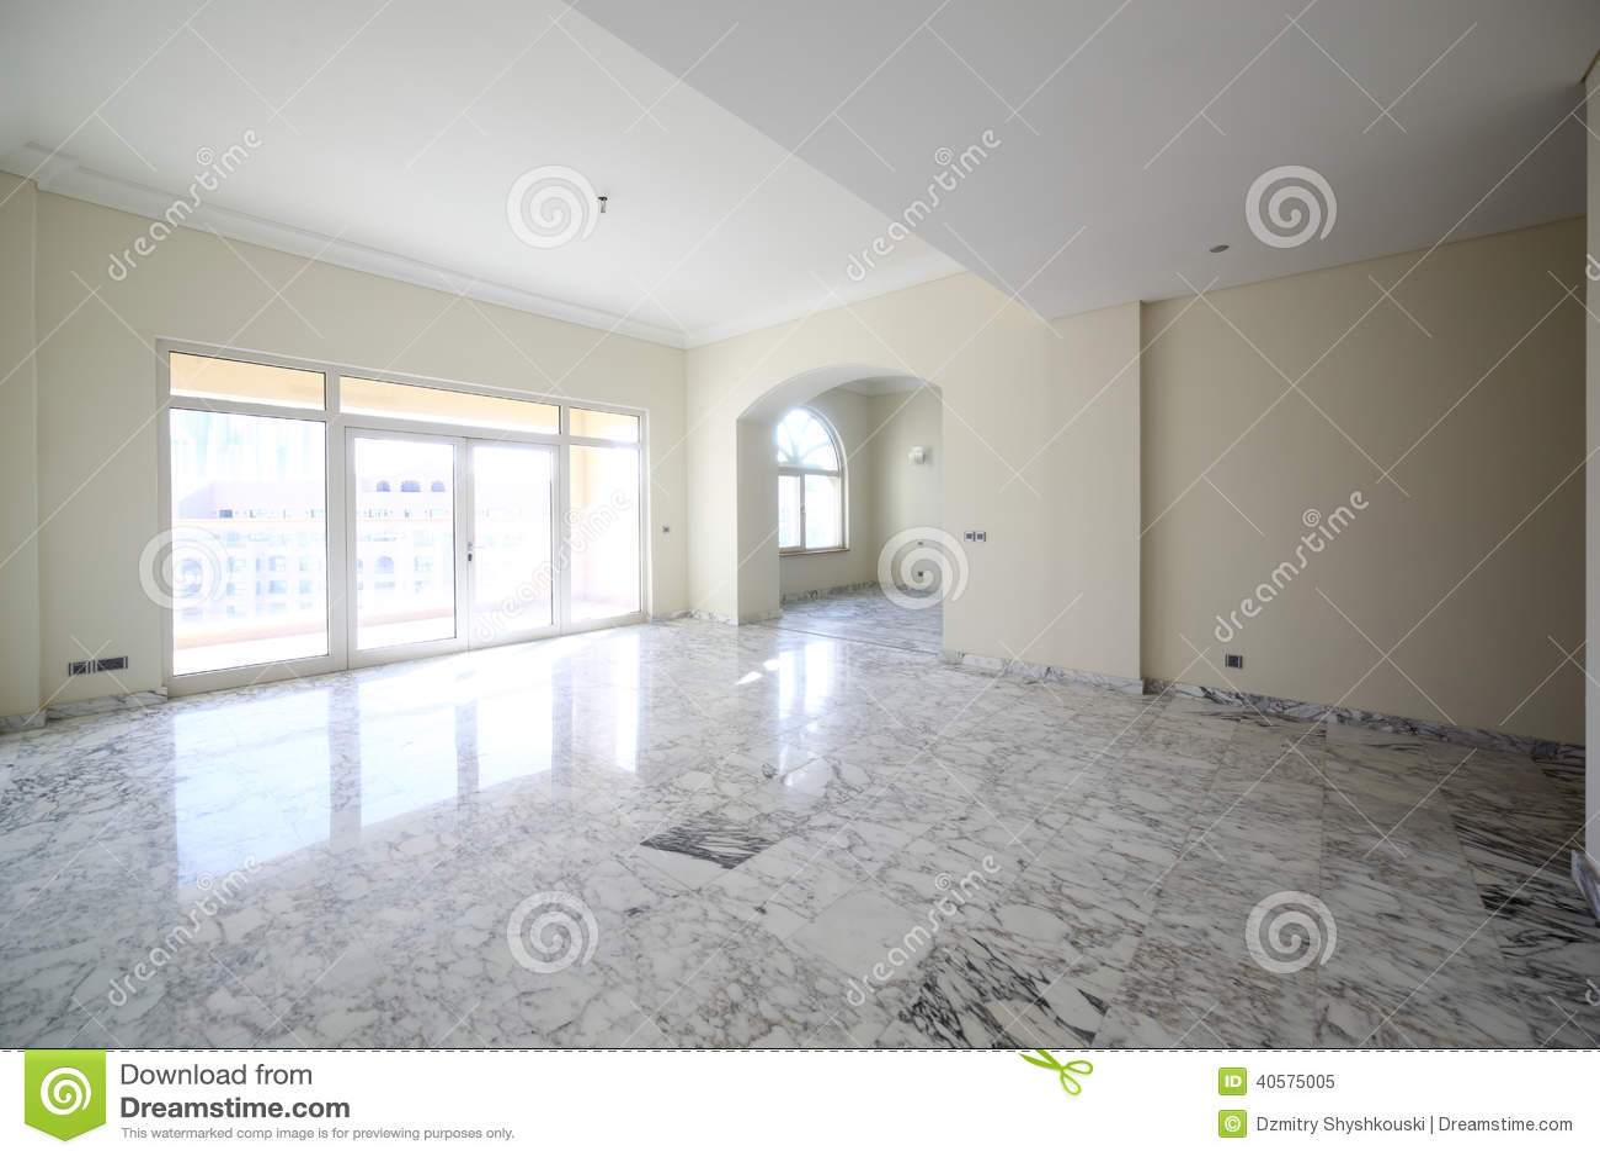 95427fcca0fa12 Innenraum Des Hellen Leeren Raumes Stockbild - Bild von groß, haupt ...